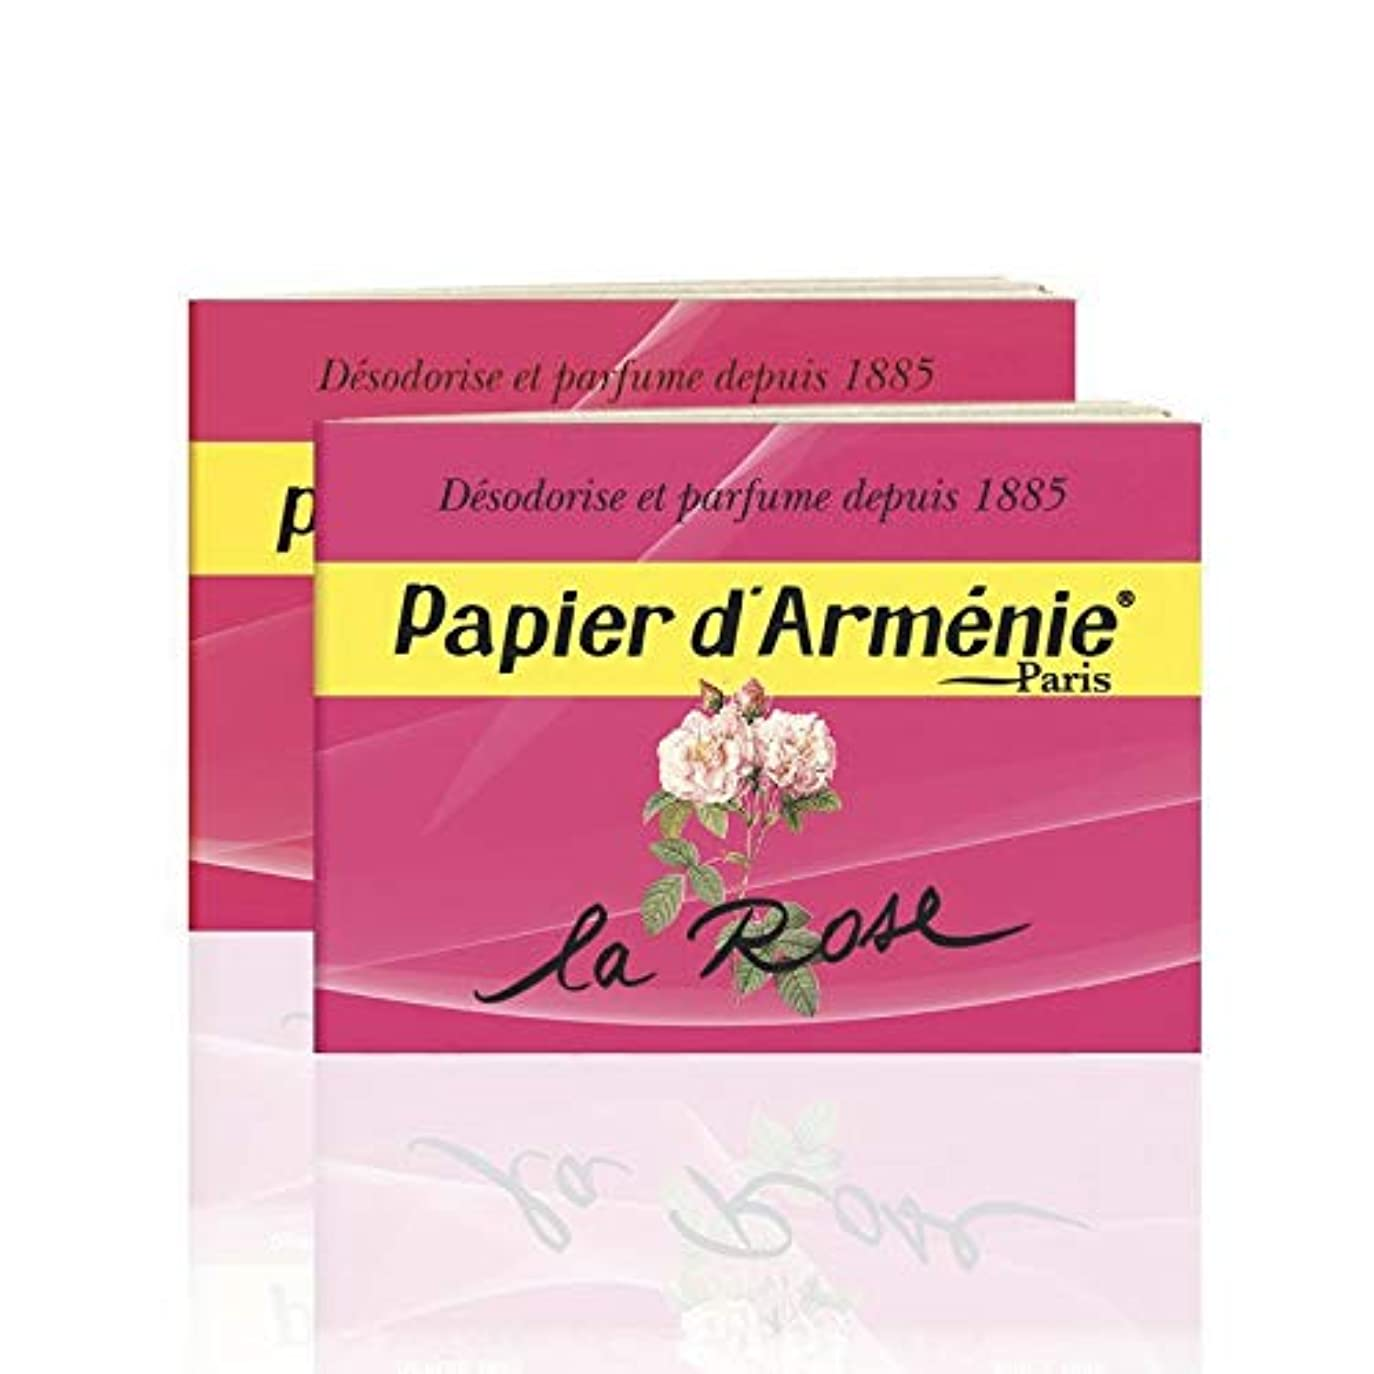 平均行列レクリエーションPapier d'Arménie パピエダルメニイ ローズ 紙のお香 フランス直送 [並行輸入品] (2個)